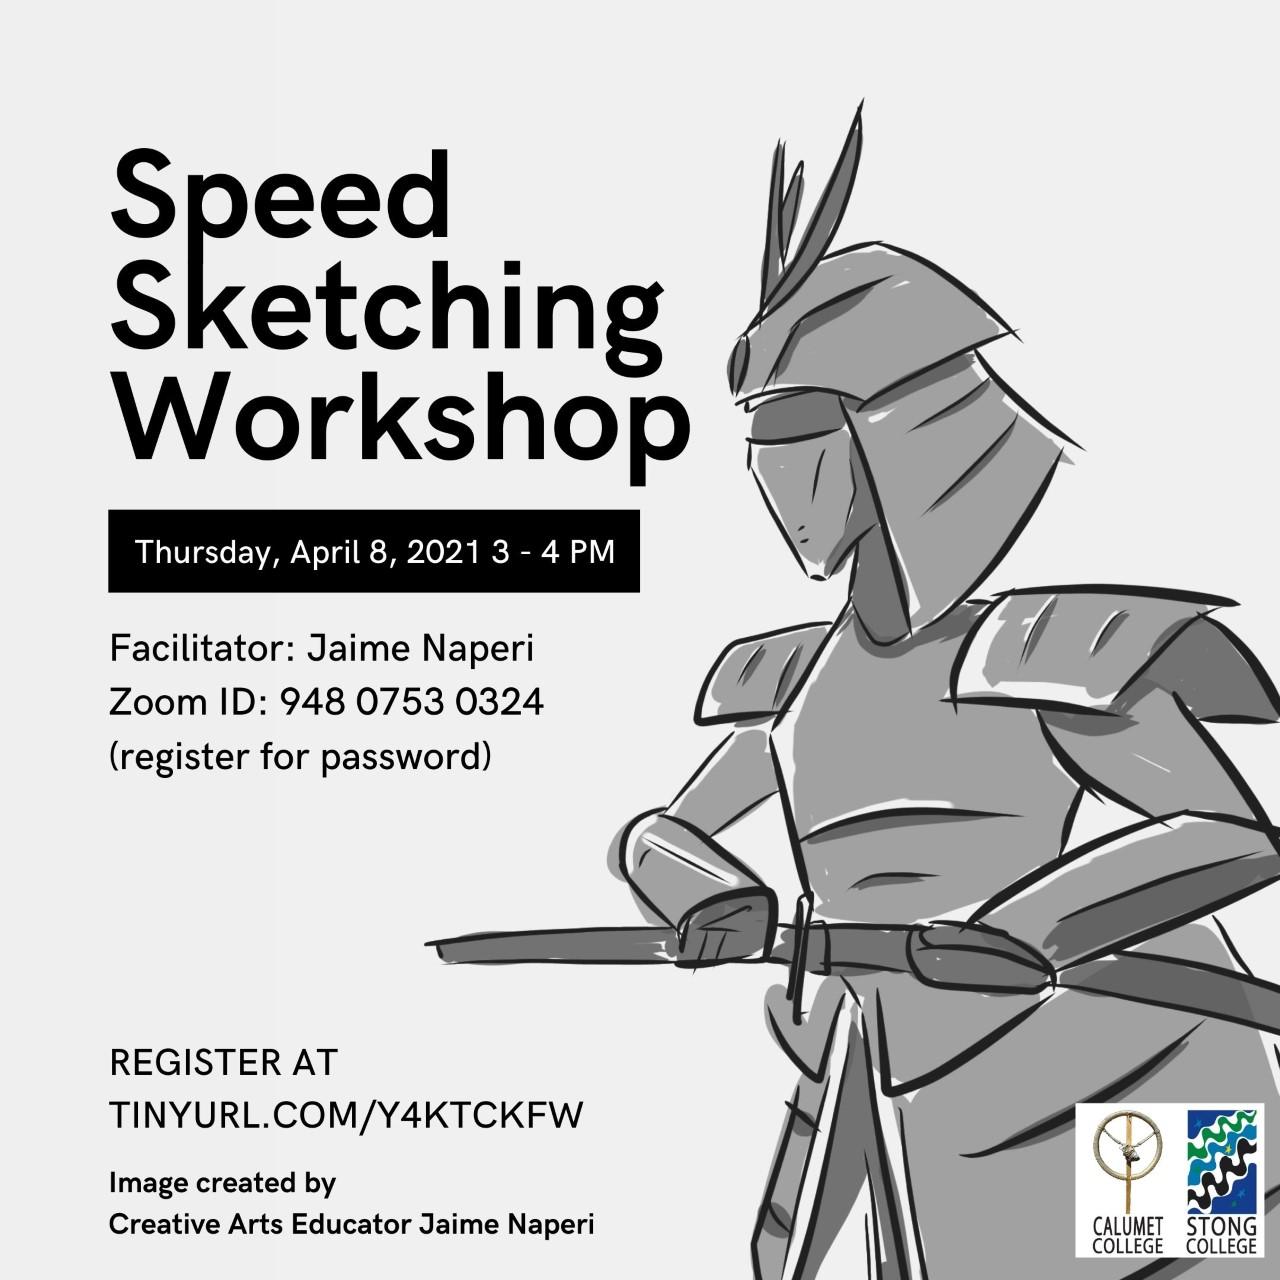 Speed Sketching Workshop